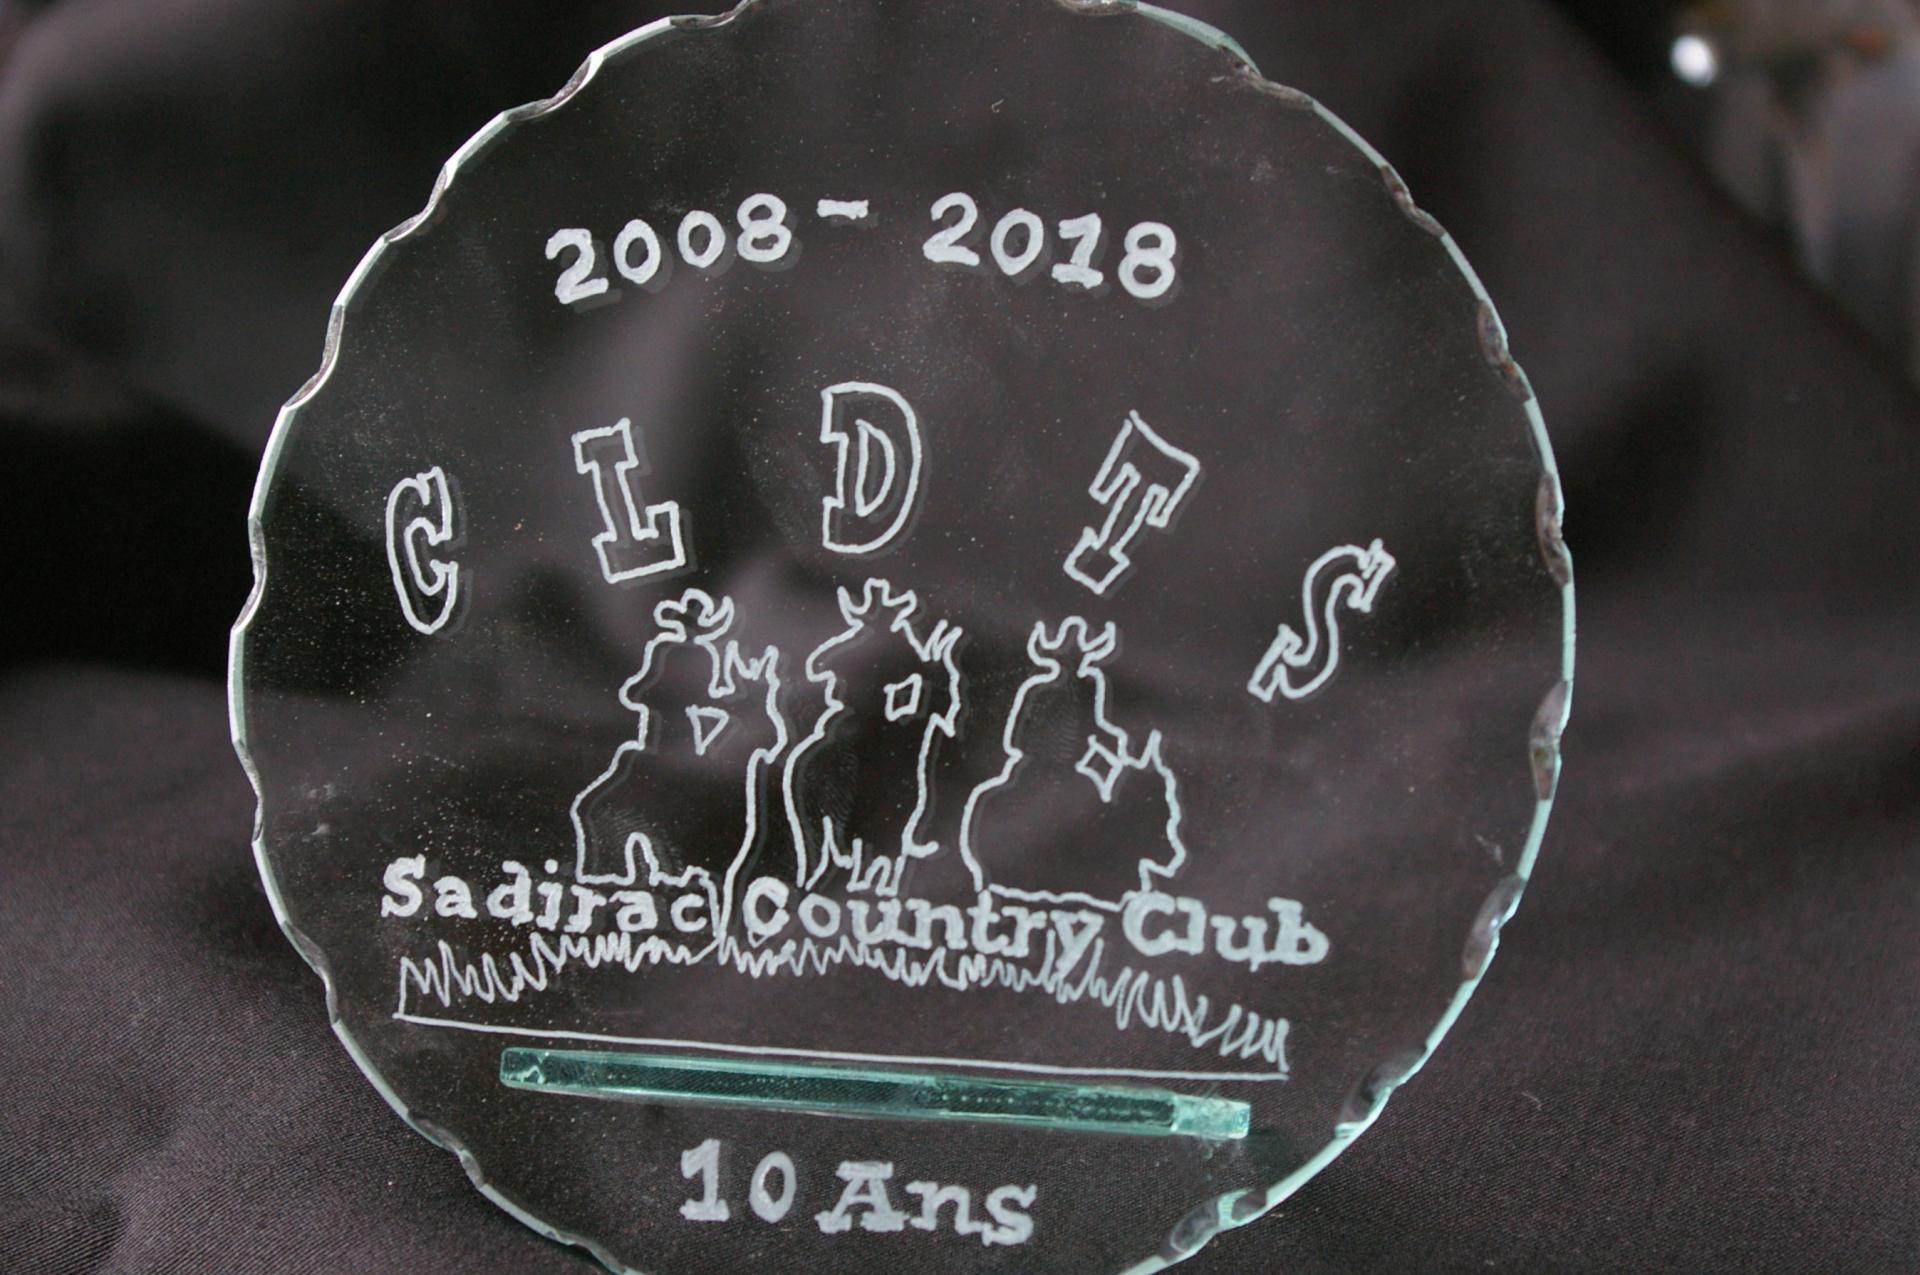 Trophee en verre grave d un logo de club